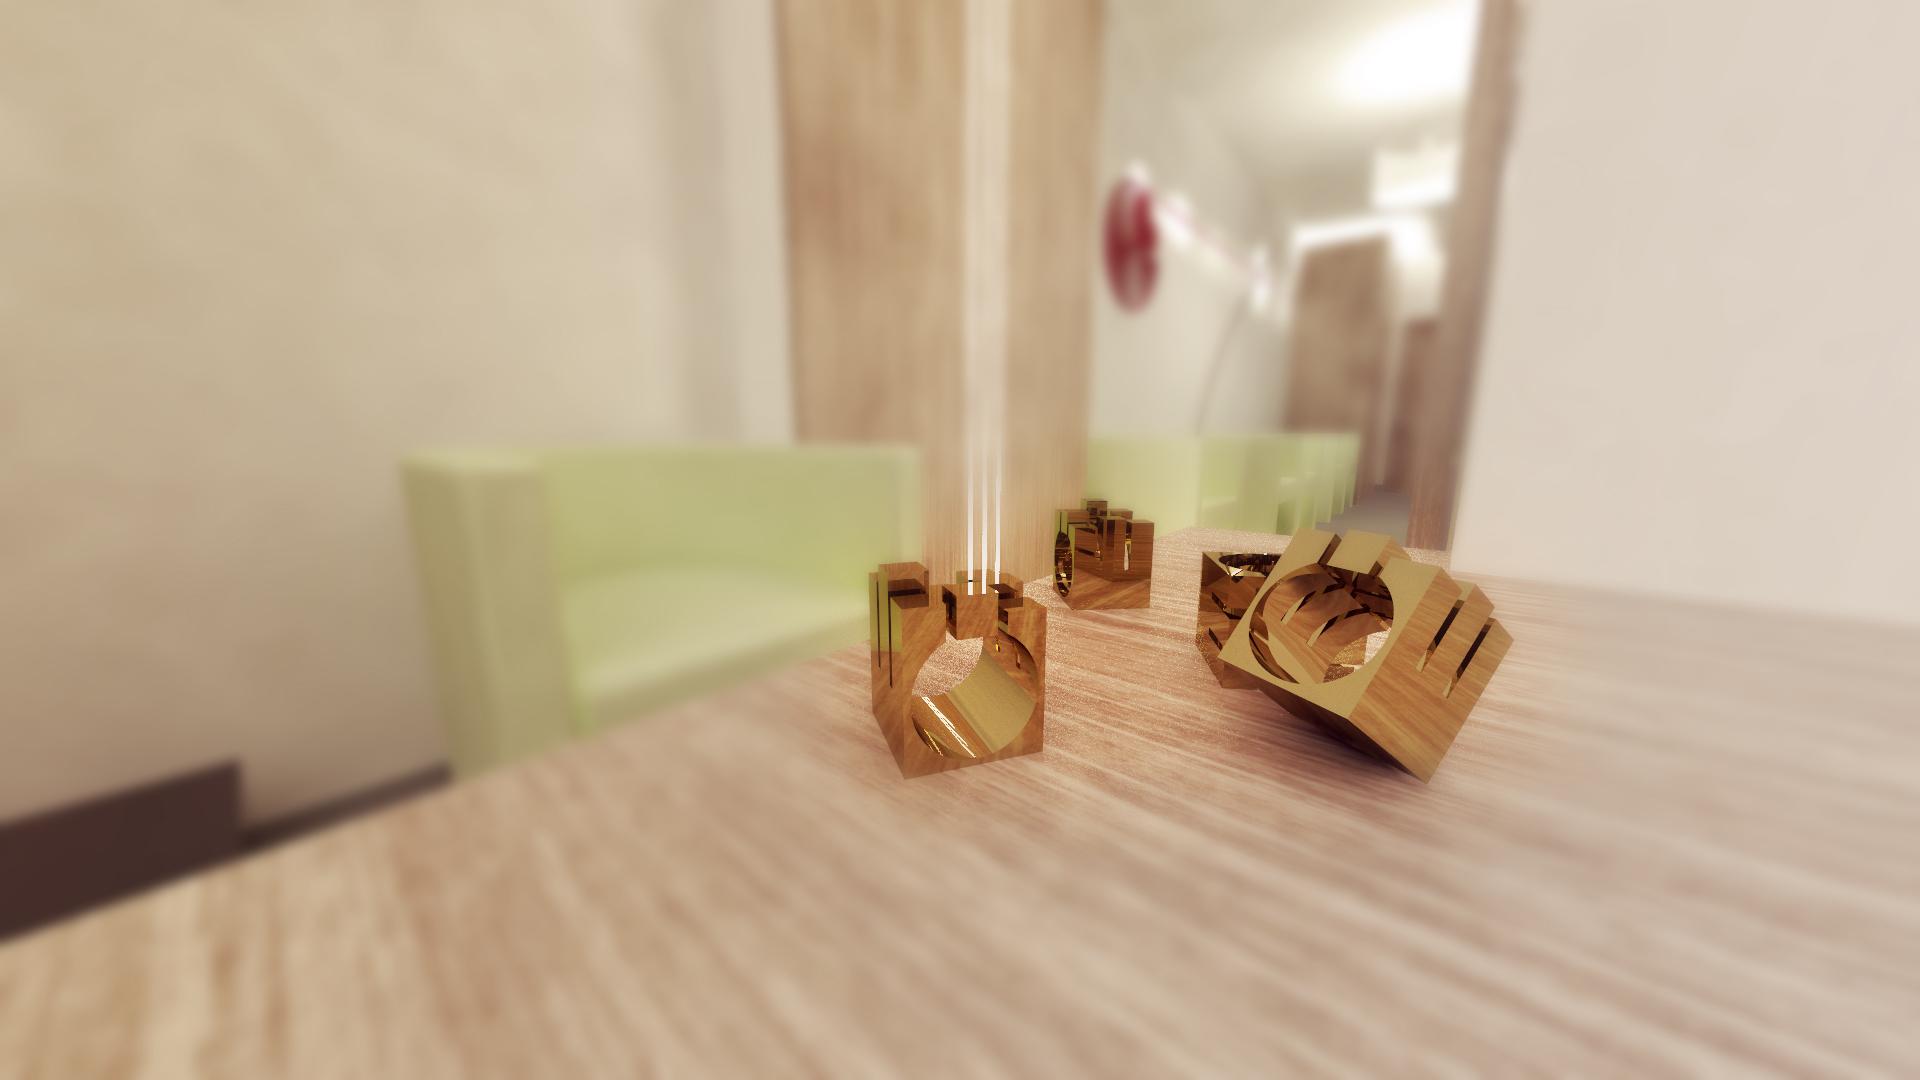 Design de Obicet - Cubescape 1